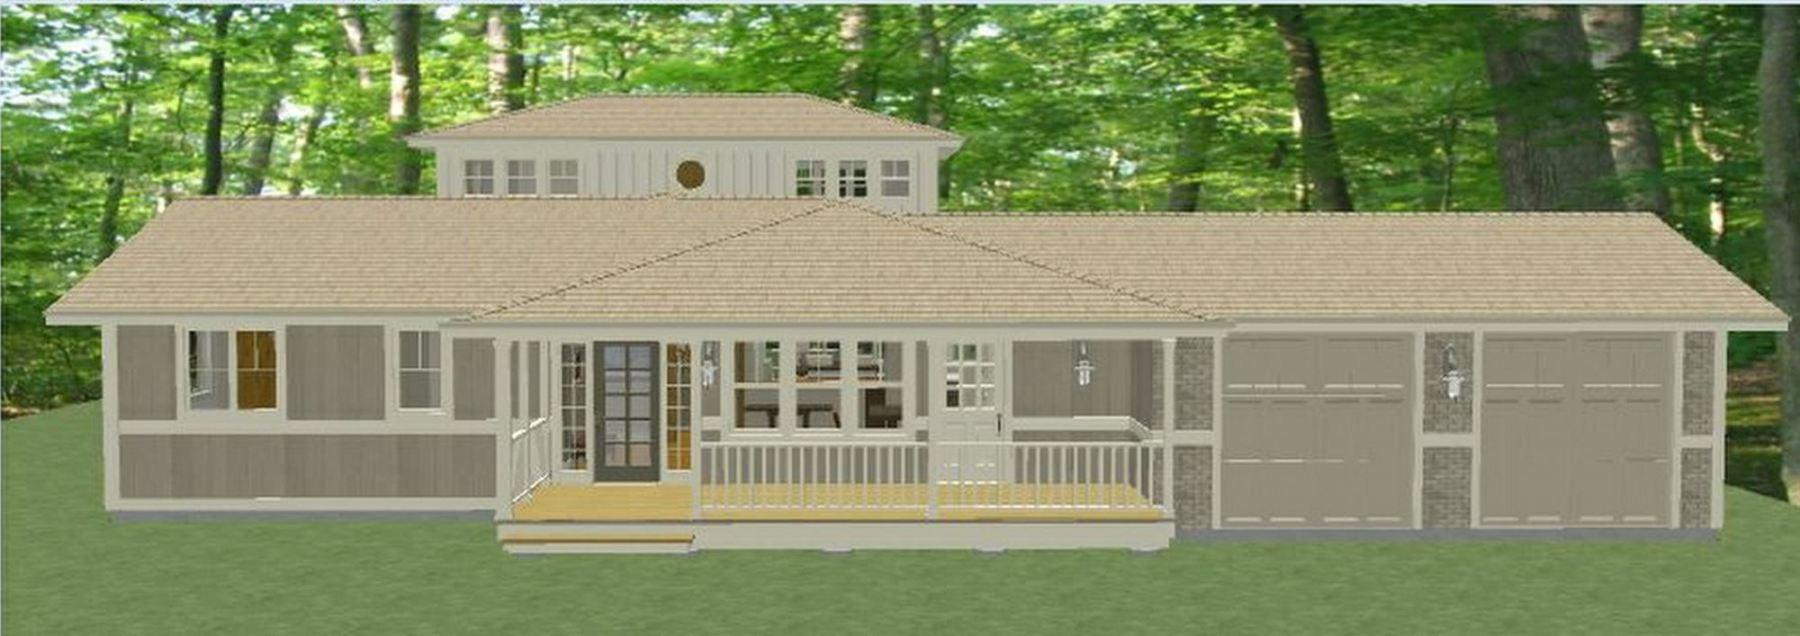 Lake Michigan Home Render- Option 2